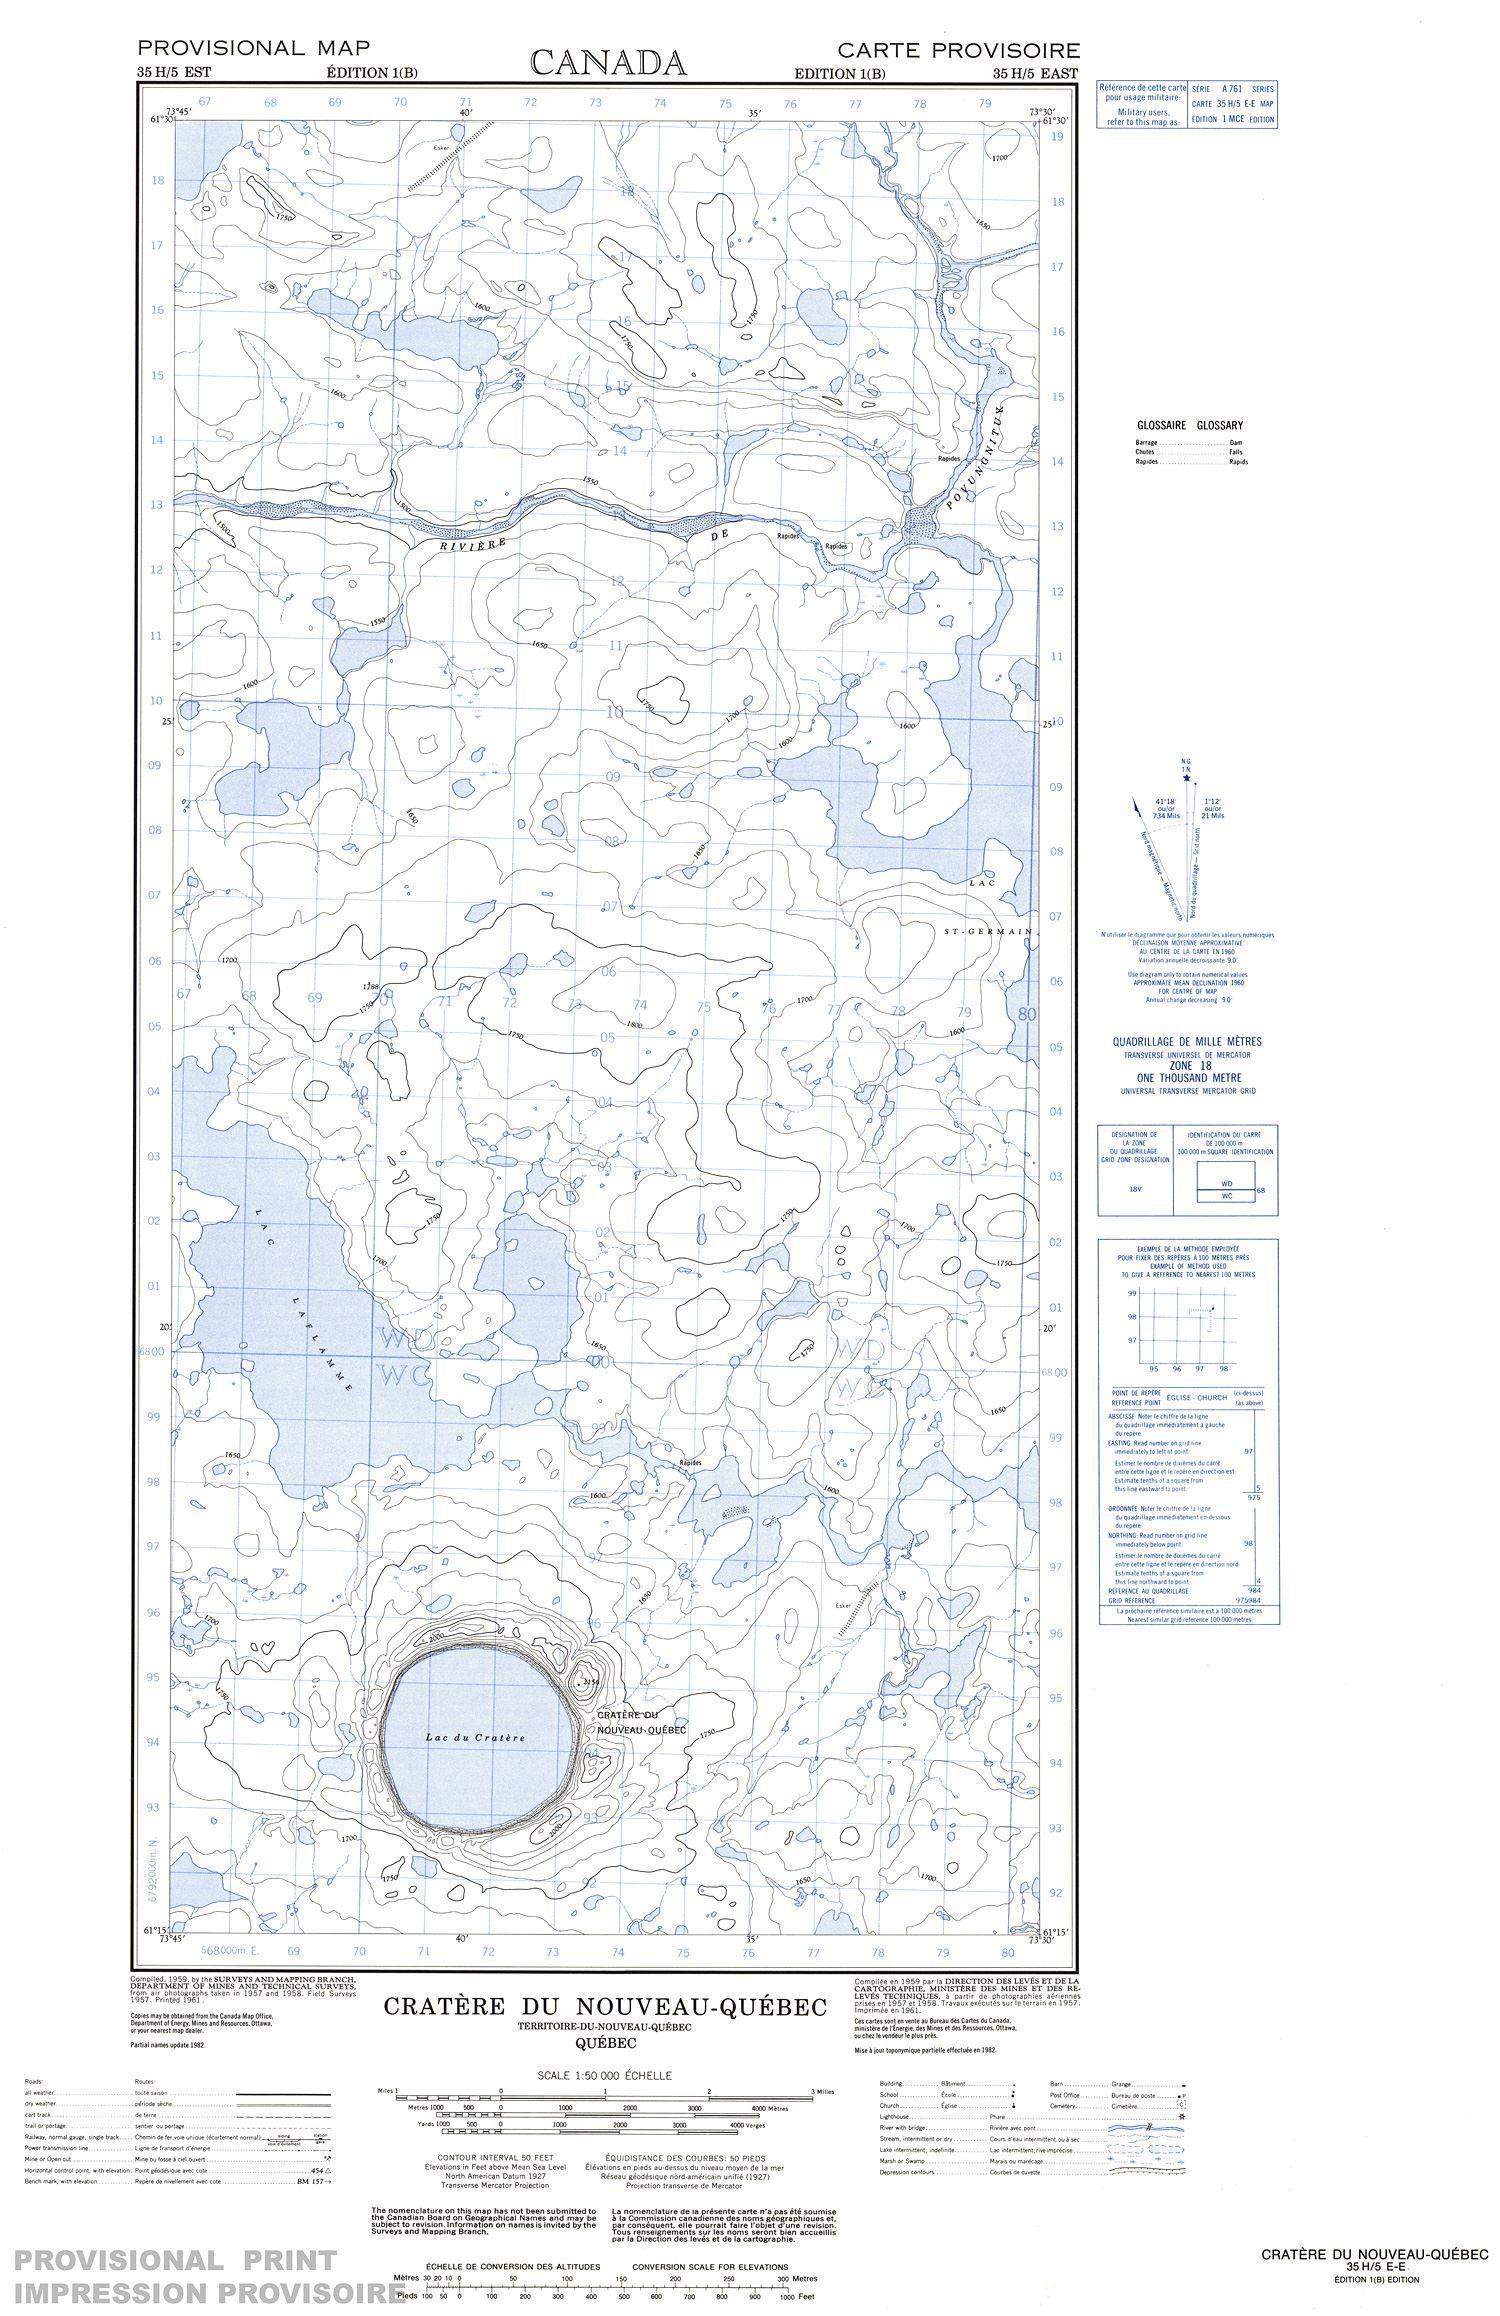 Quebec Topographic Map.035h05e Cratere Du Nouveau Quebec Topographic Map